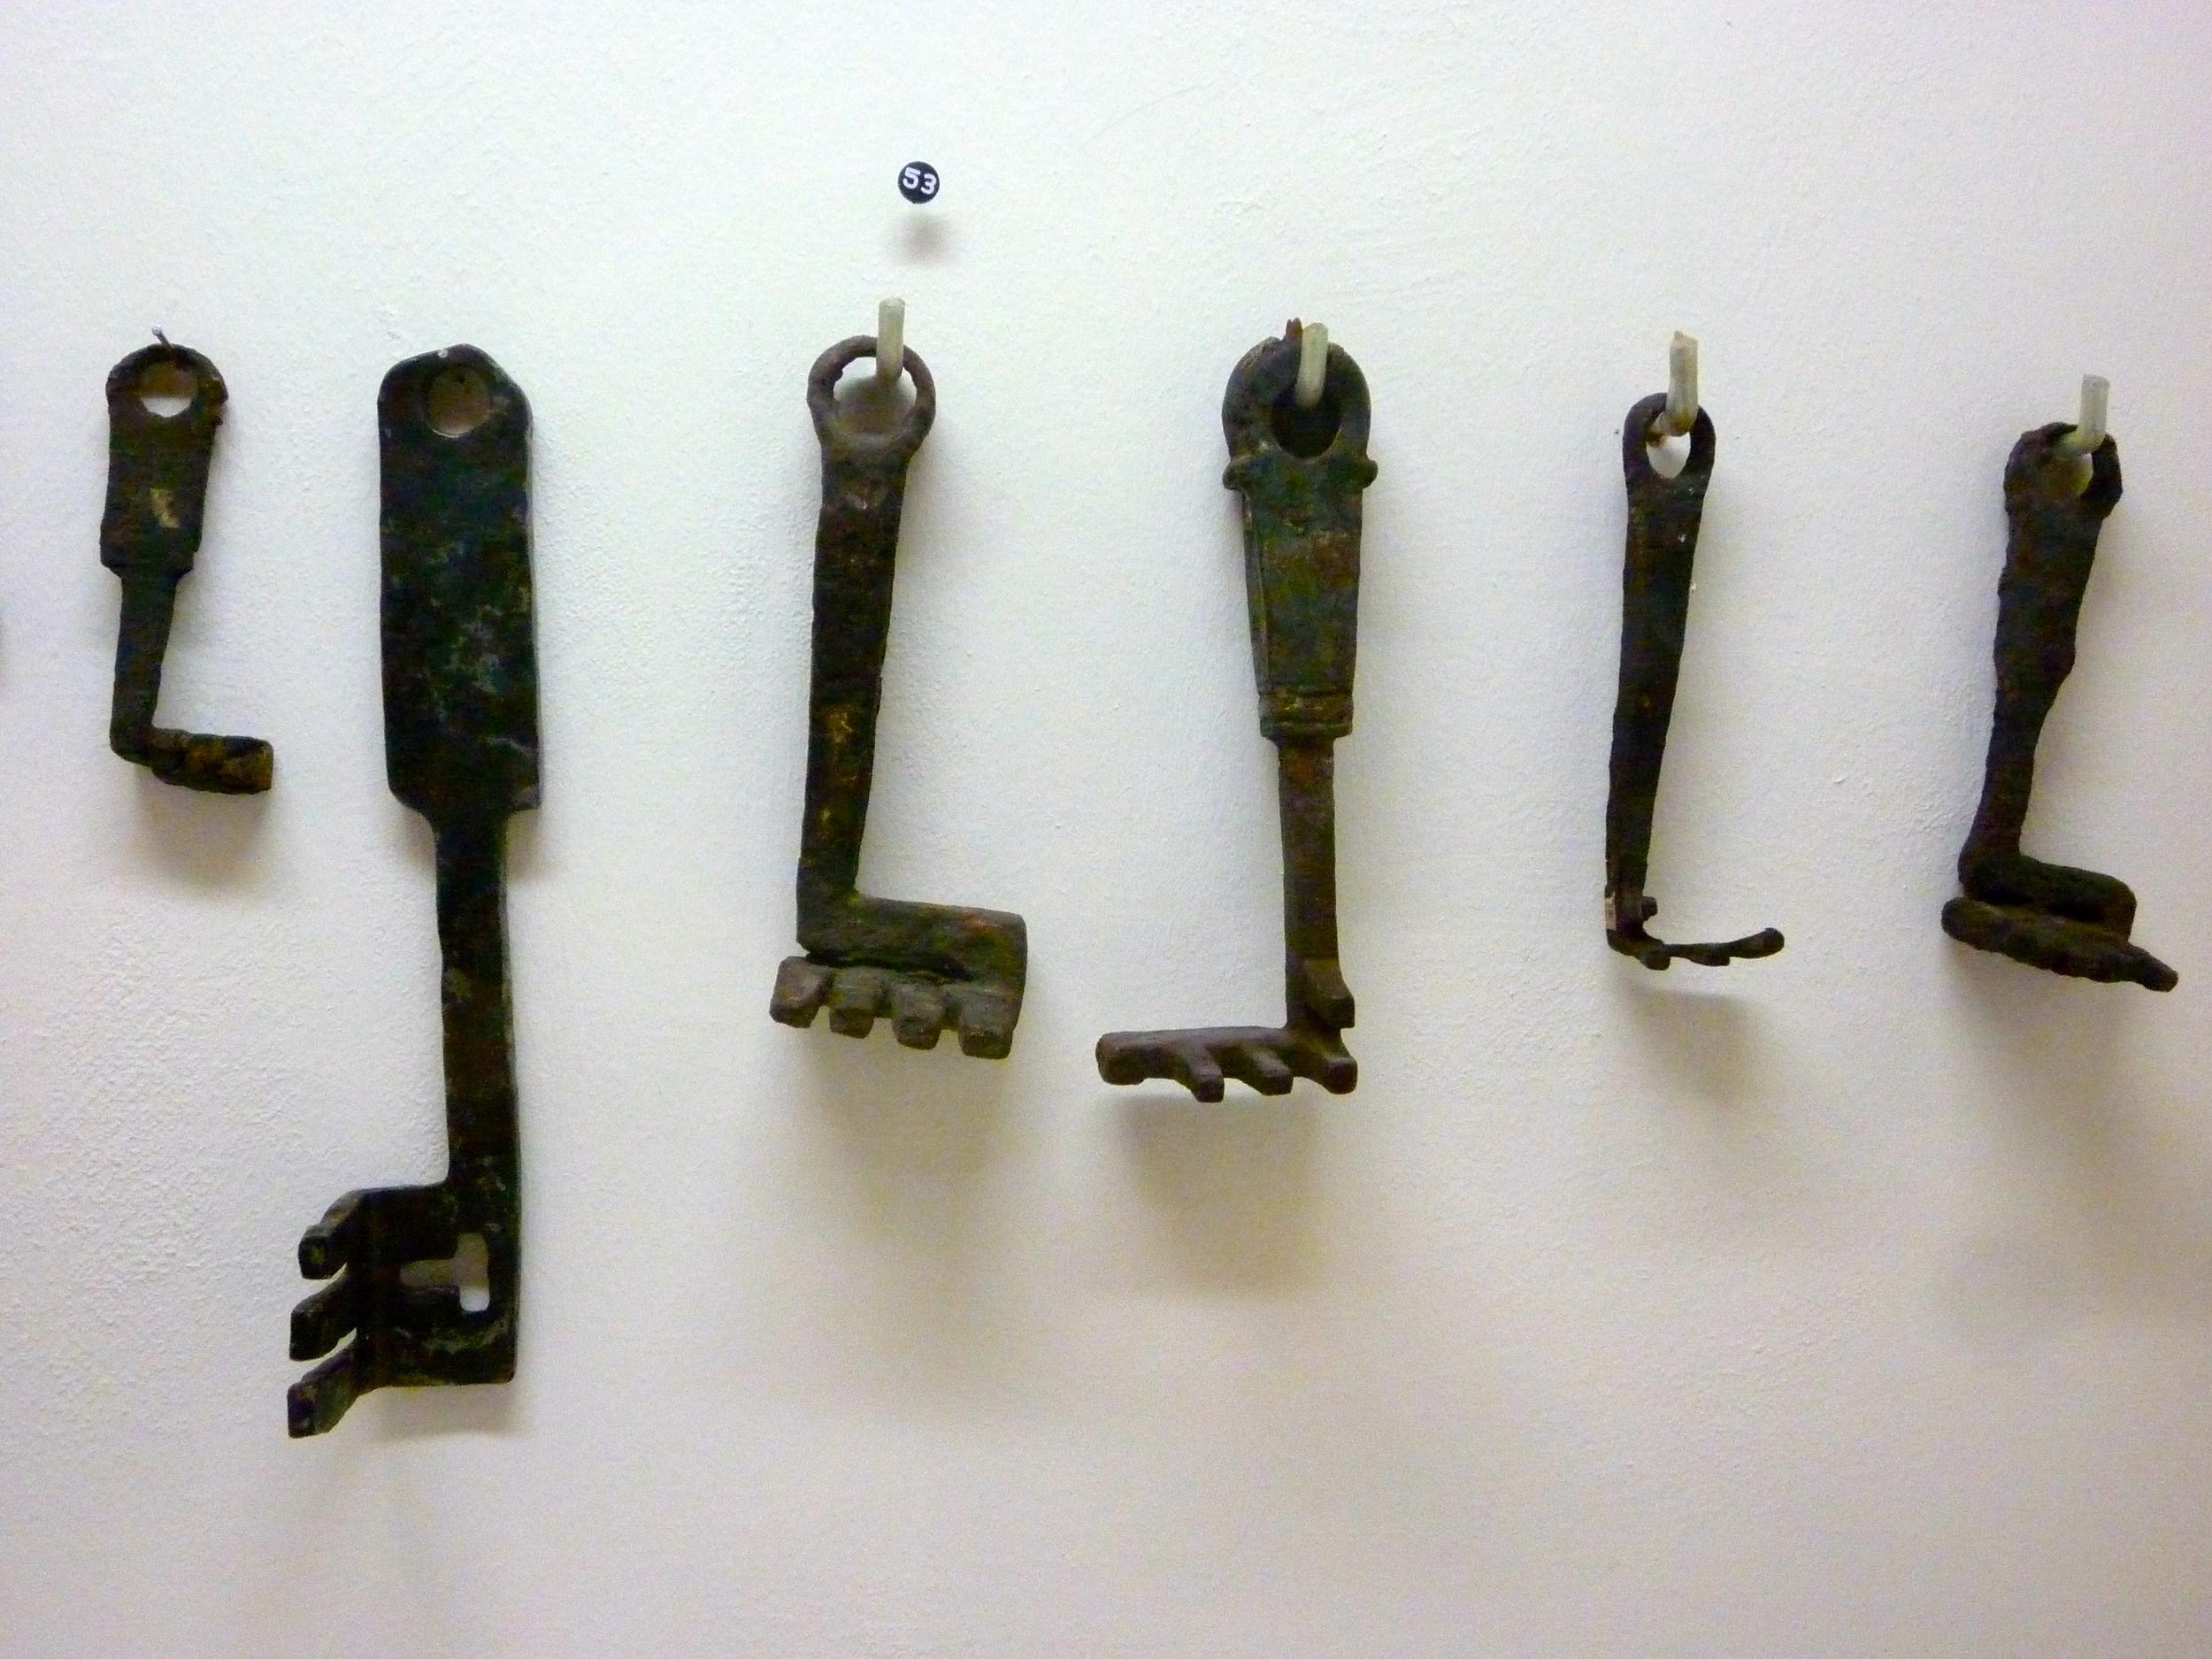 Roman keys